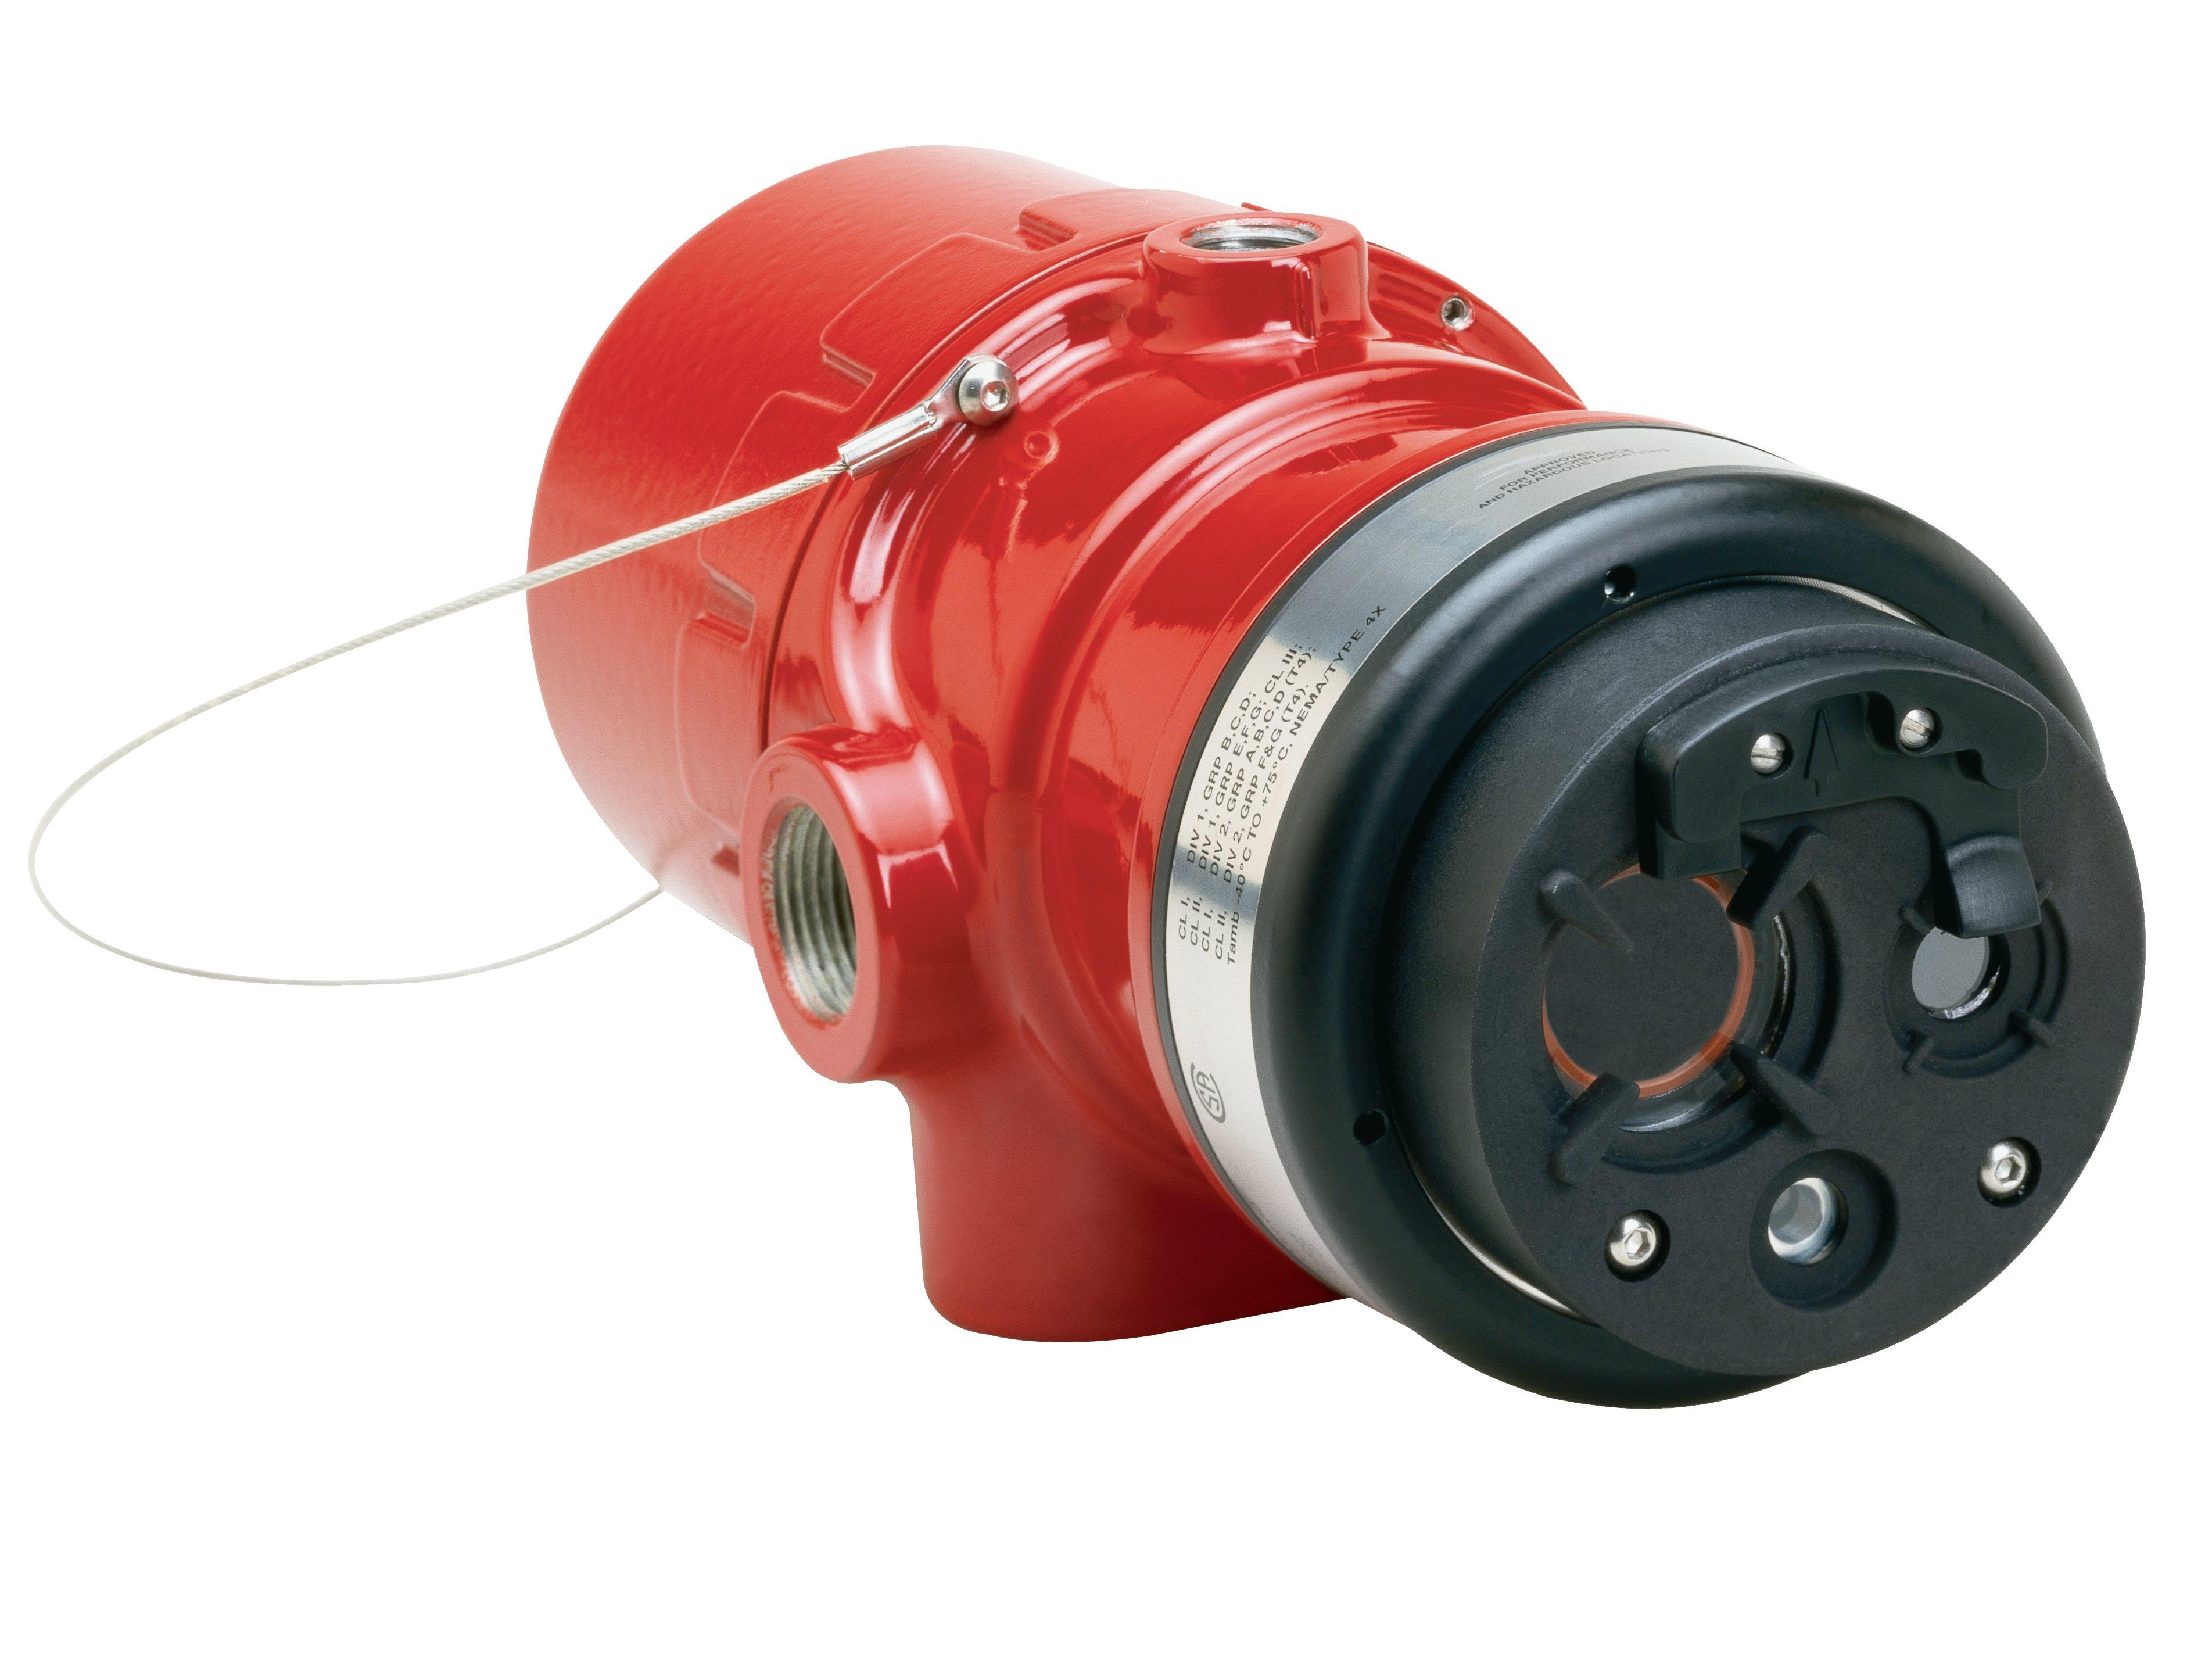 Датчик пламени для пожарной сигнализации — особенности установки, виды